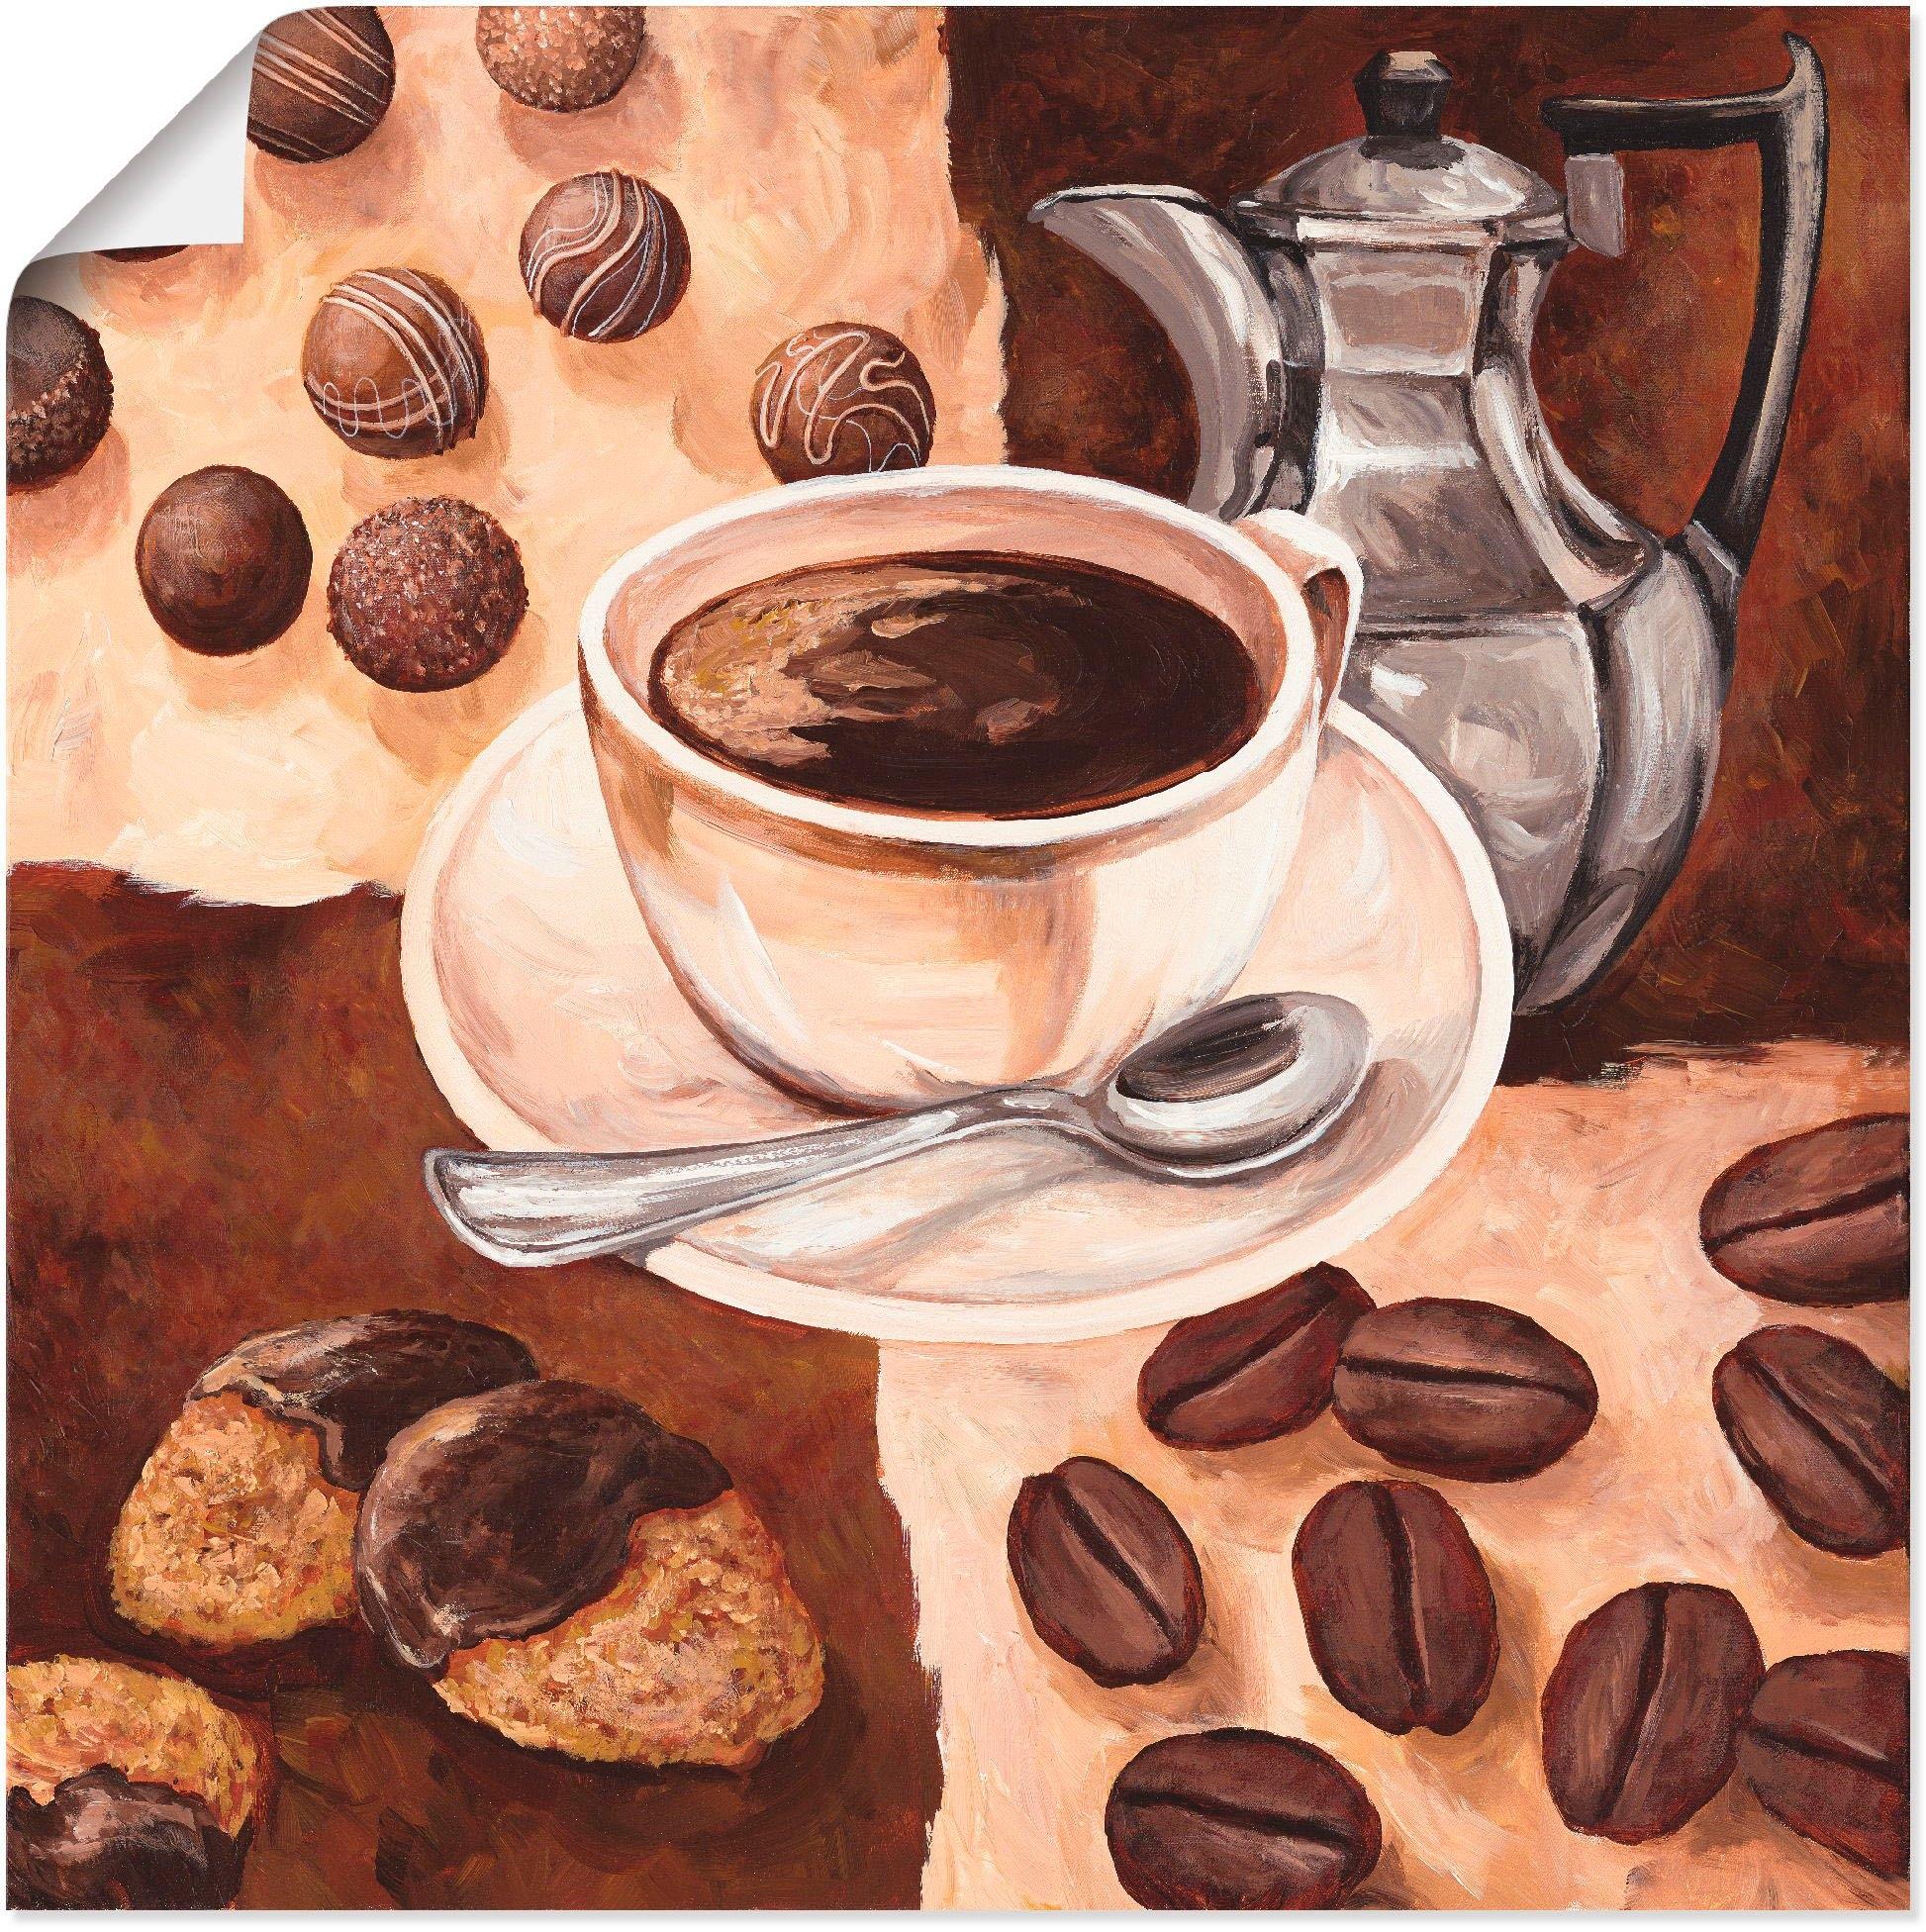 Artland artprint »Kaffeezeit« nu online bestellen